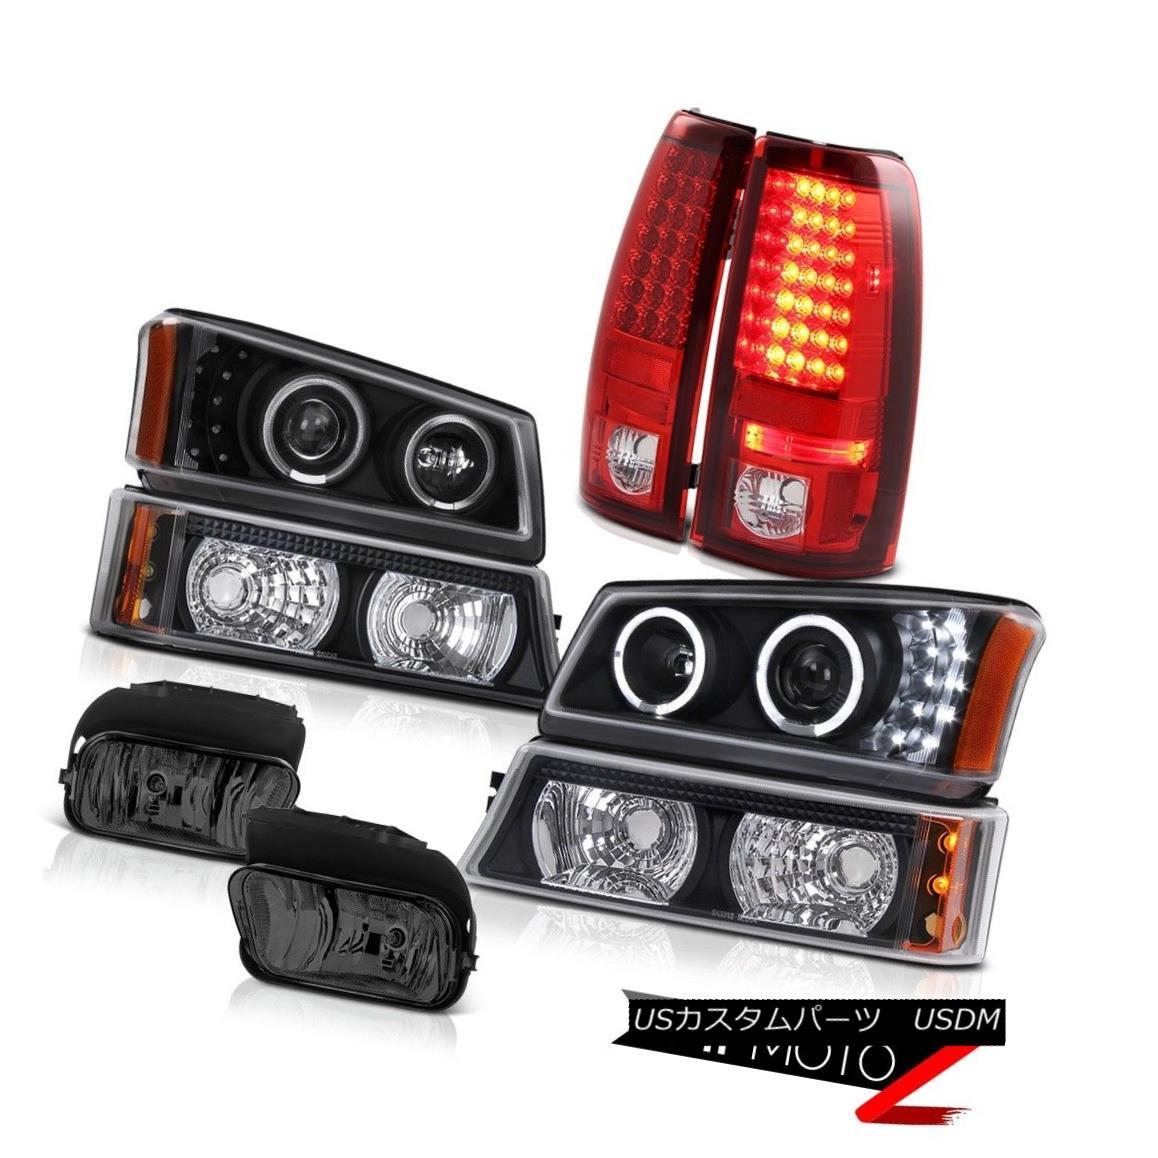 テールライト 2003-2006 Silverado DuraMax Black Halo LED Headlights Signal Taillamps Foglamps 2003-2006 Silverado DuraMax Black Halo LEDヘッドライト信号タイルランプFoglamps